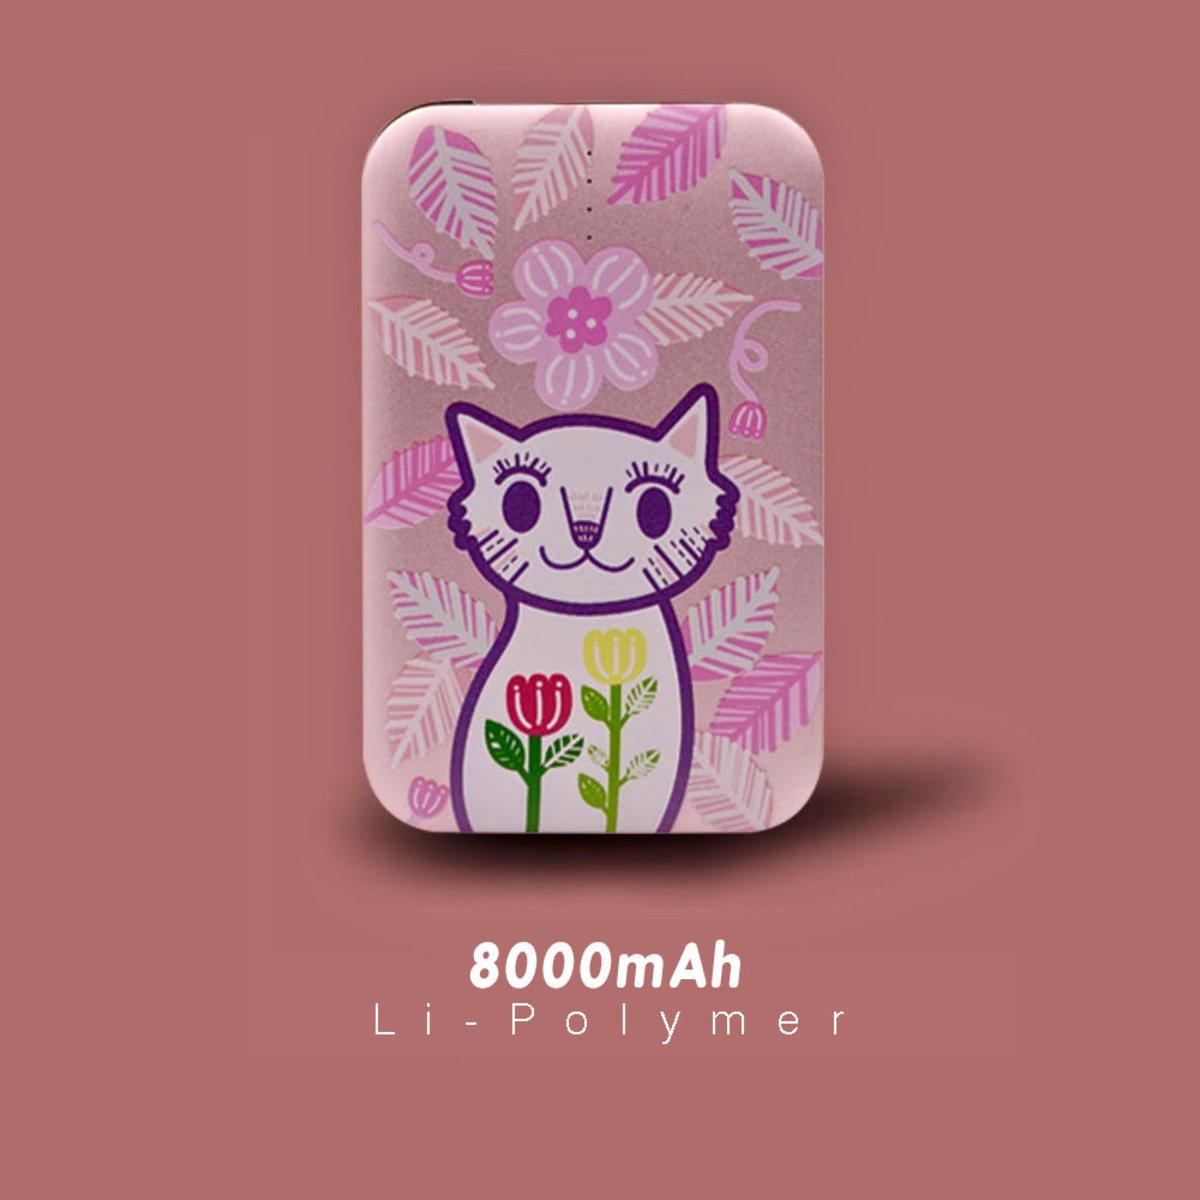 純潔的貓 / 8000mAh 行動電源